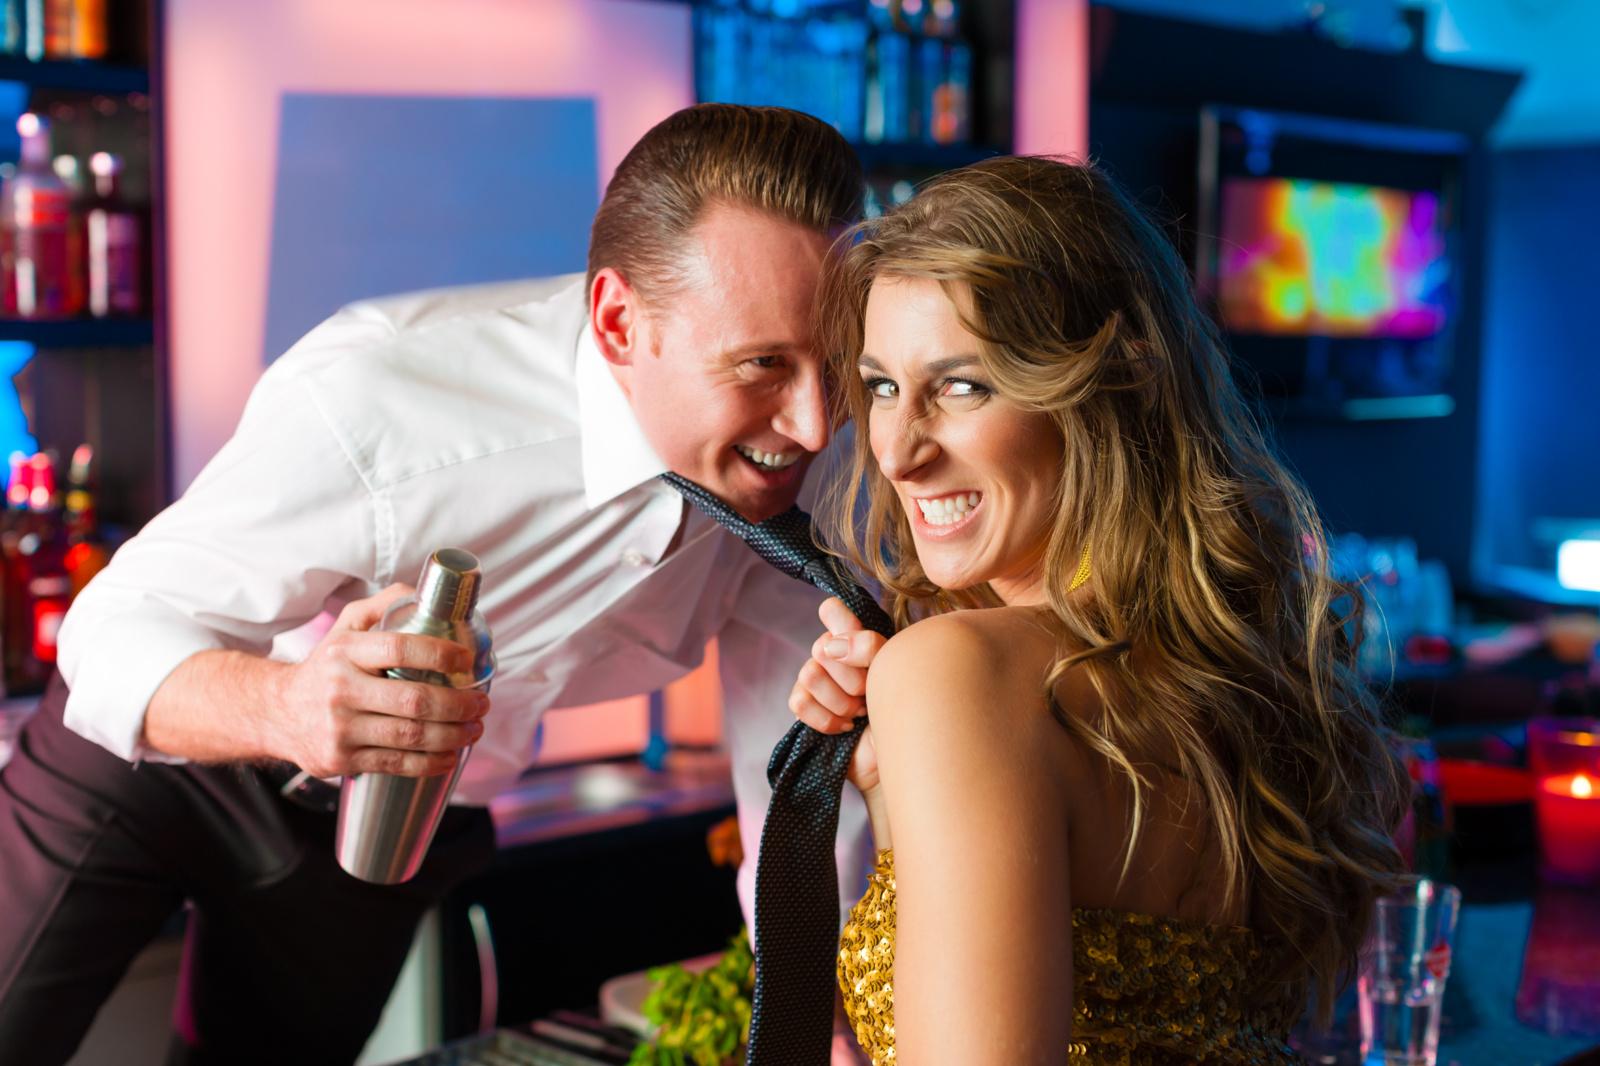 Vyras paima tai, ką moteris tegali duoti?